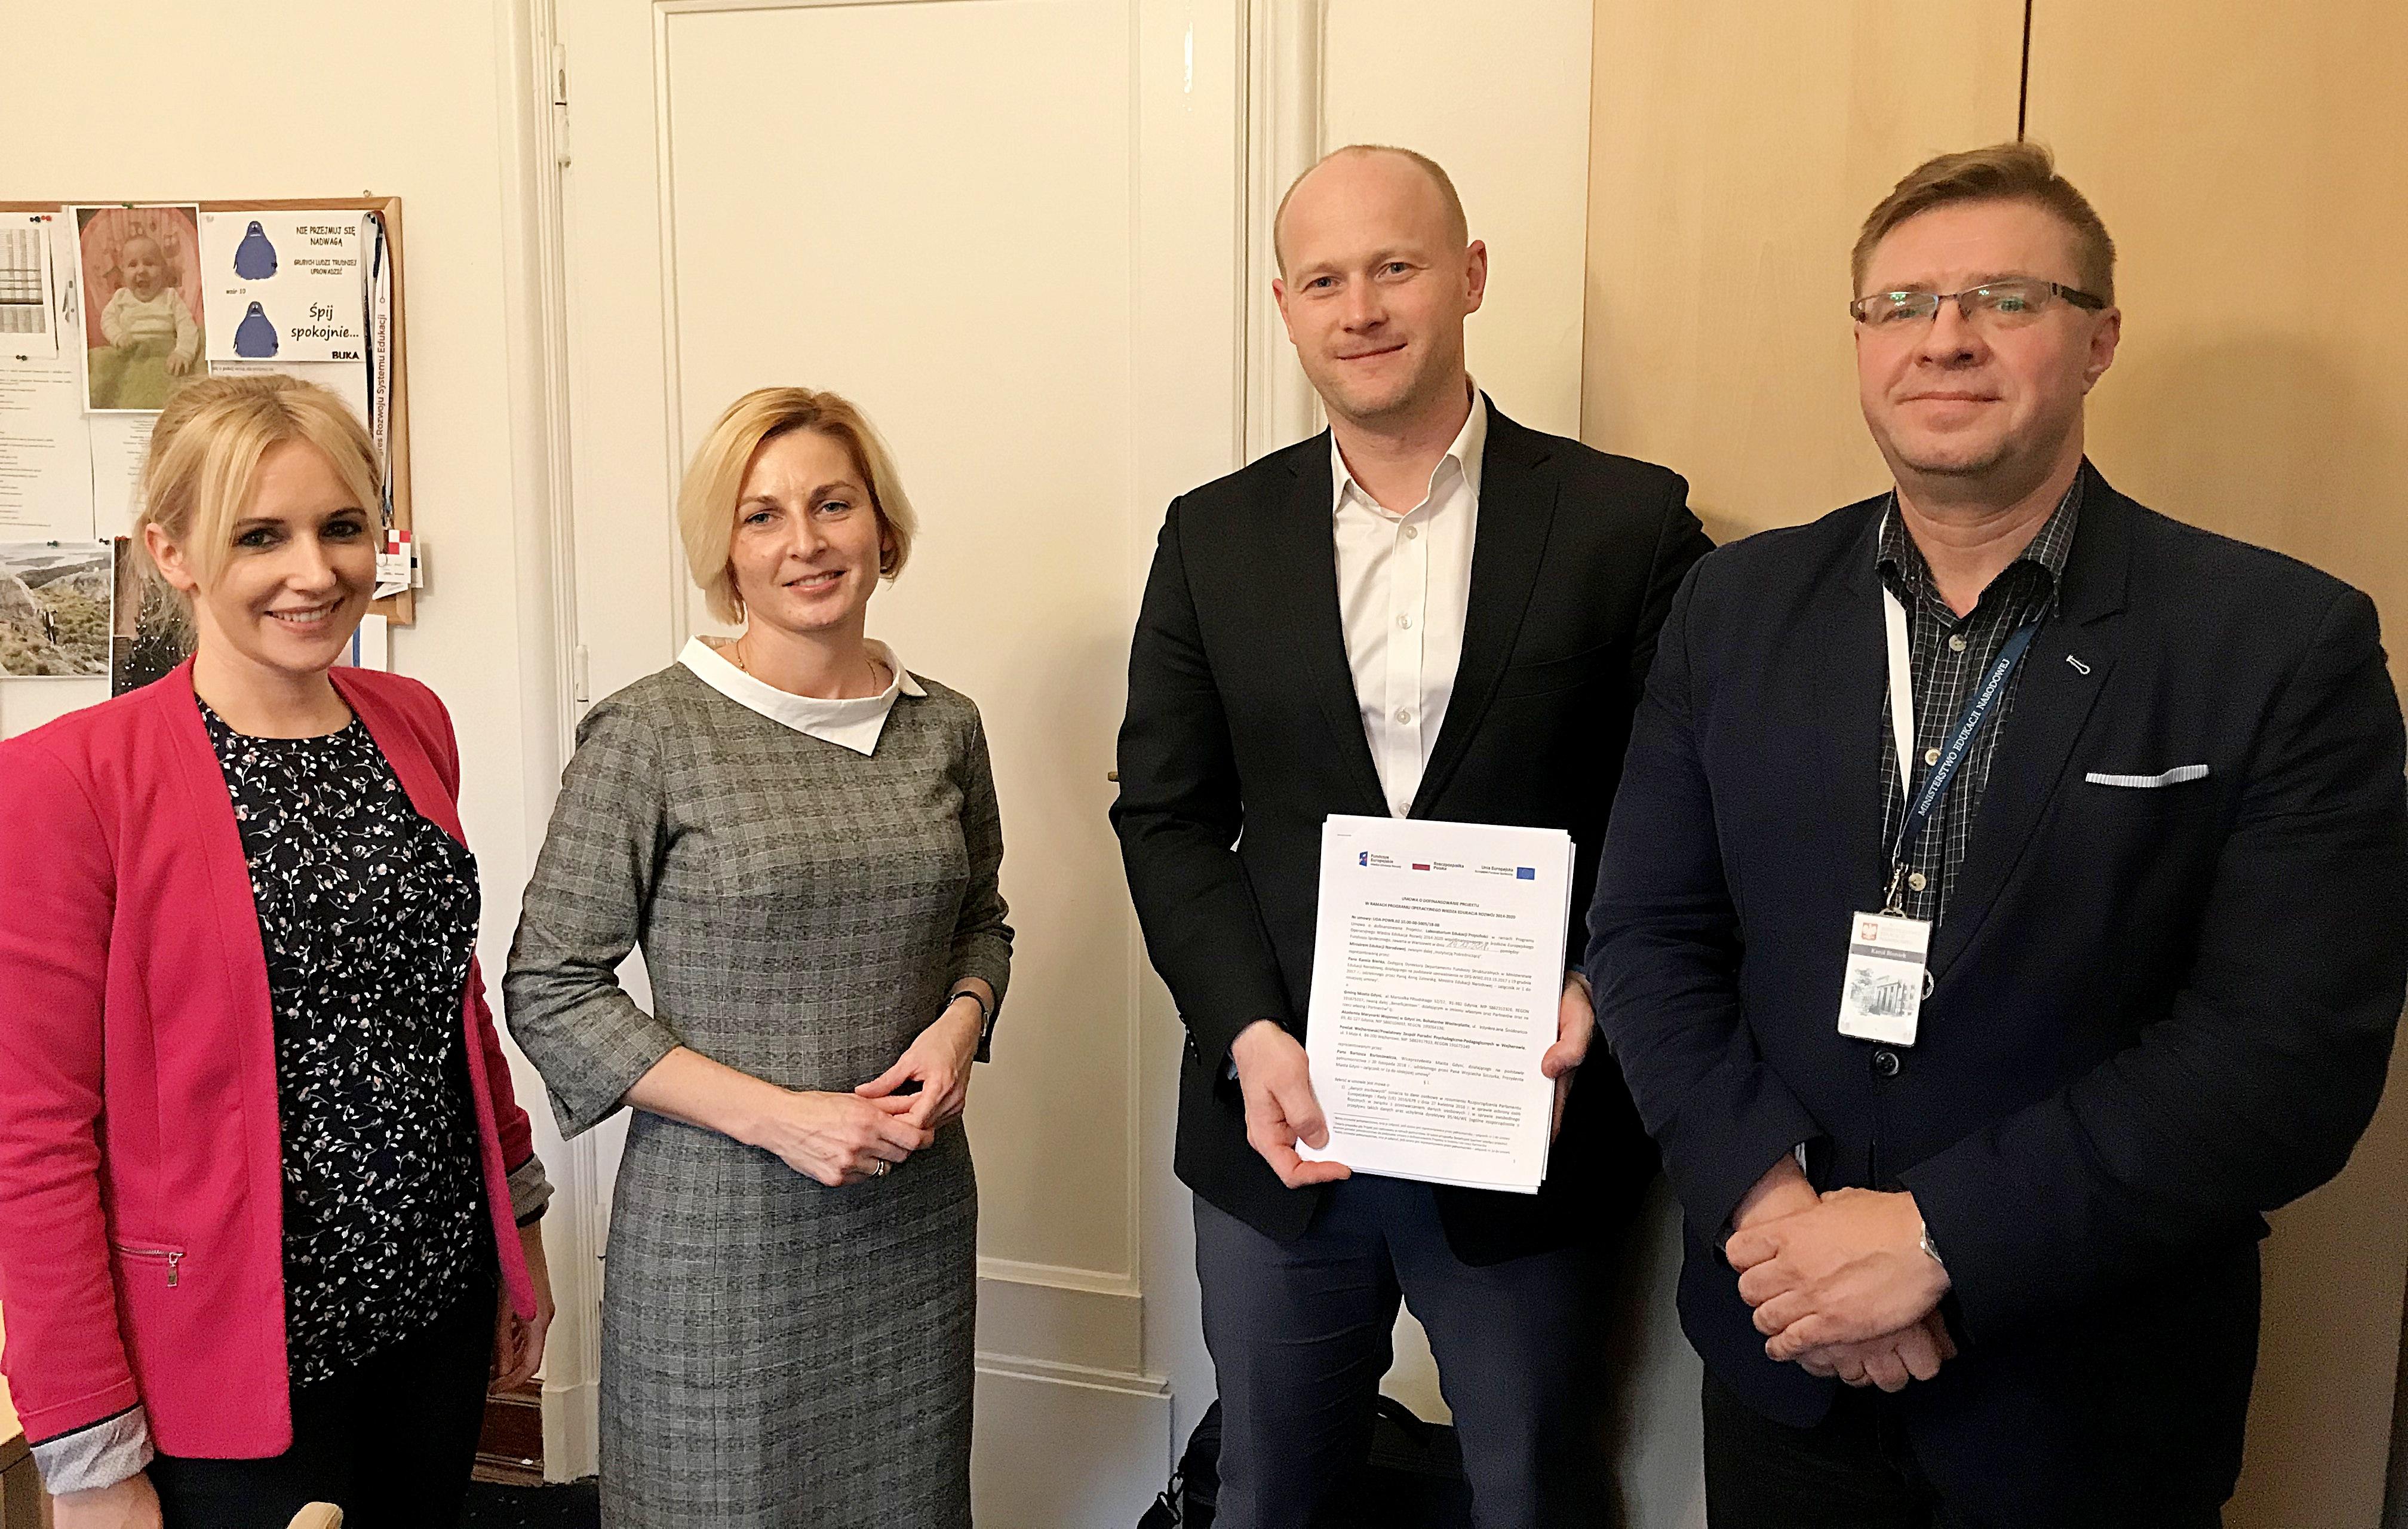 Umowę na dofinansowanie projektu podpisał w siedzibie MEN w Warszawie Bartosz Bartoszewicz, wiceprezydent Gdyni ds. jakości życia